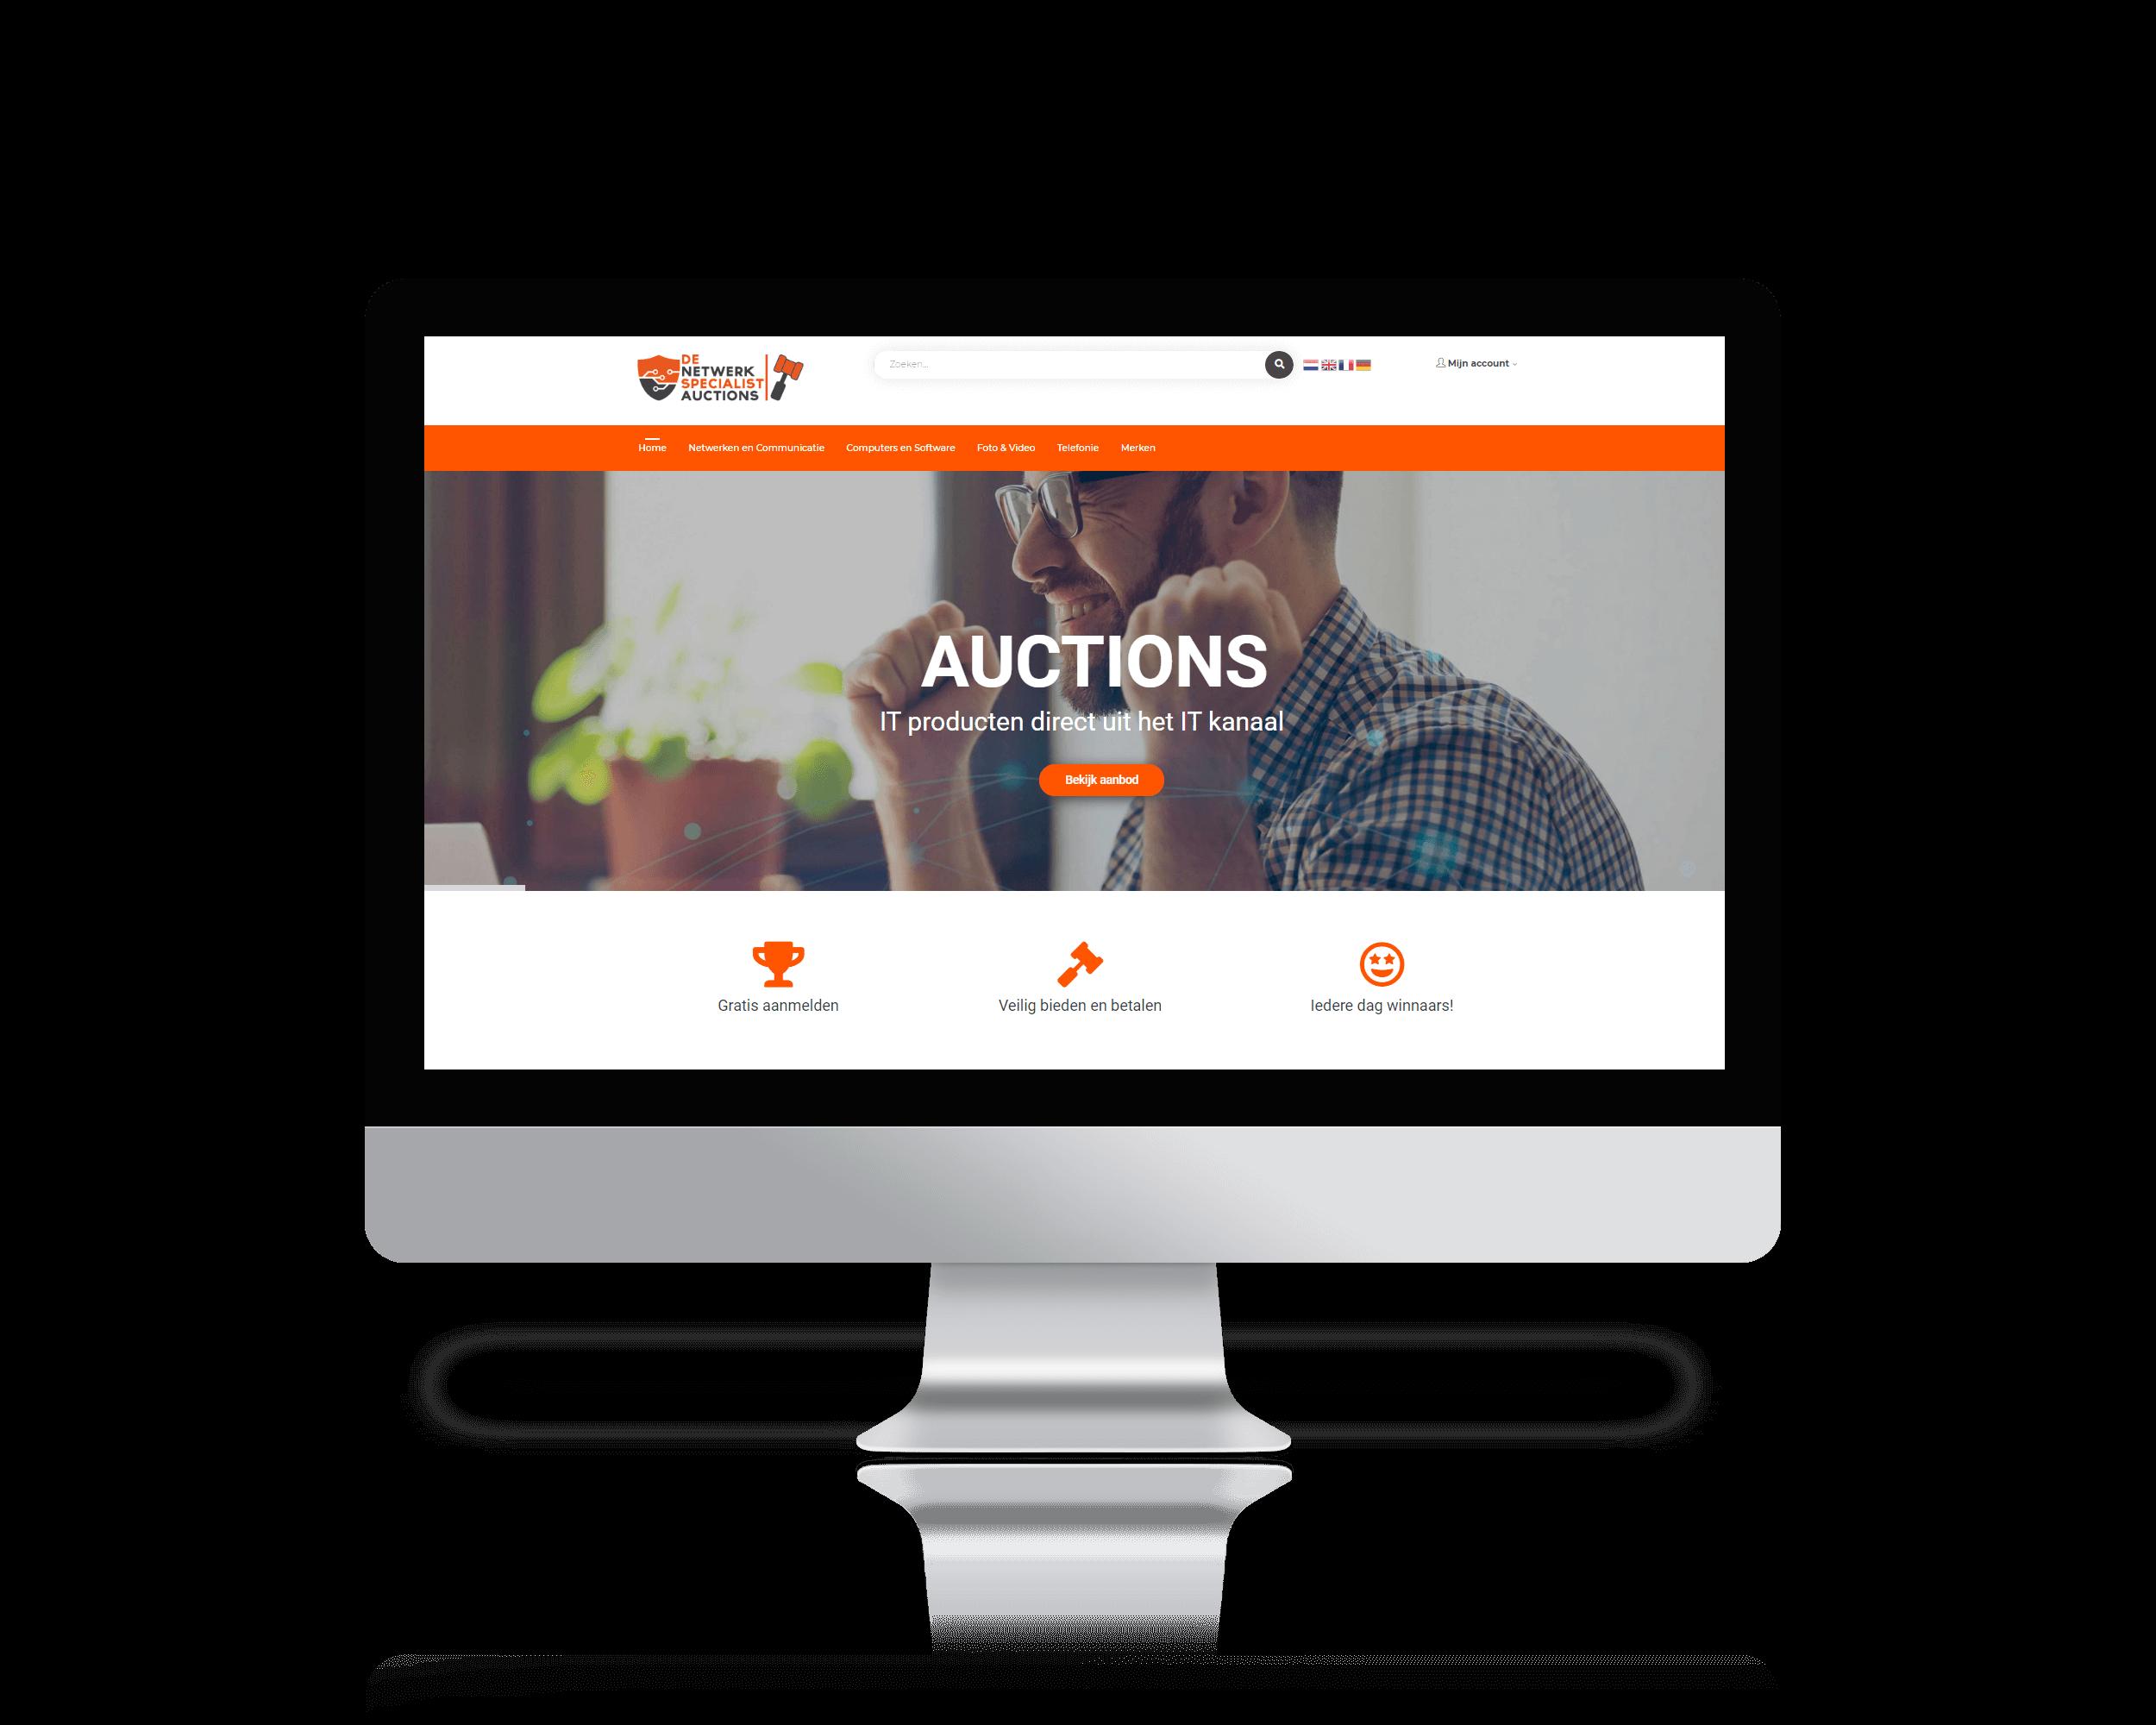 Auctions De Netwerkspecialist - De online veiling voor ICT producten